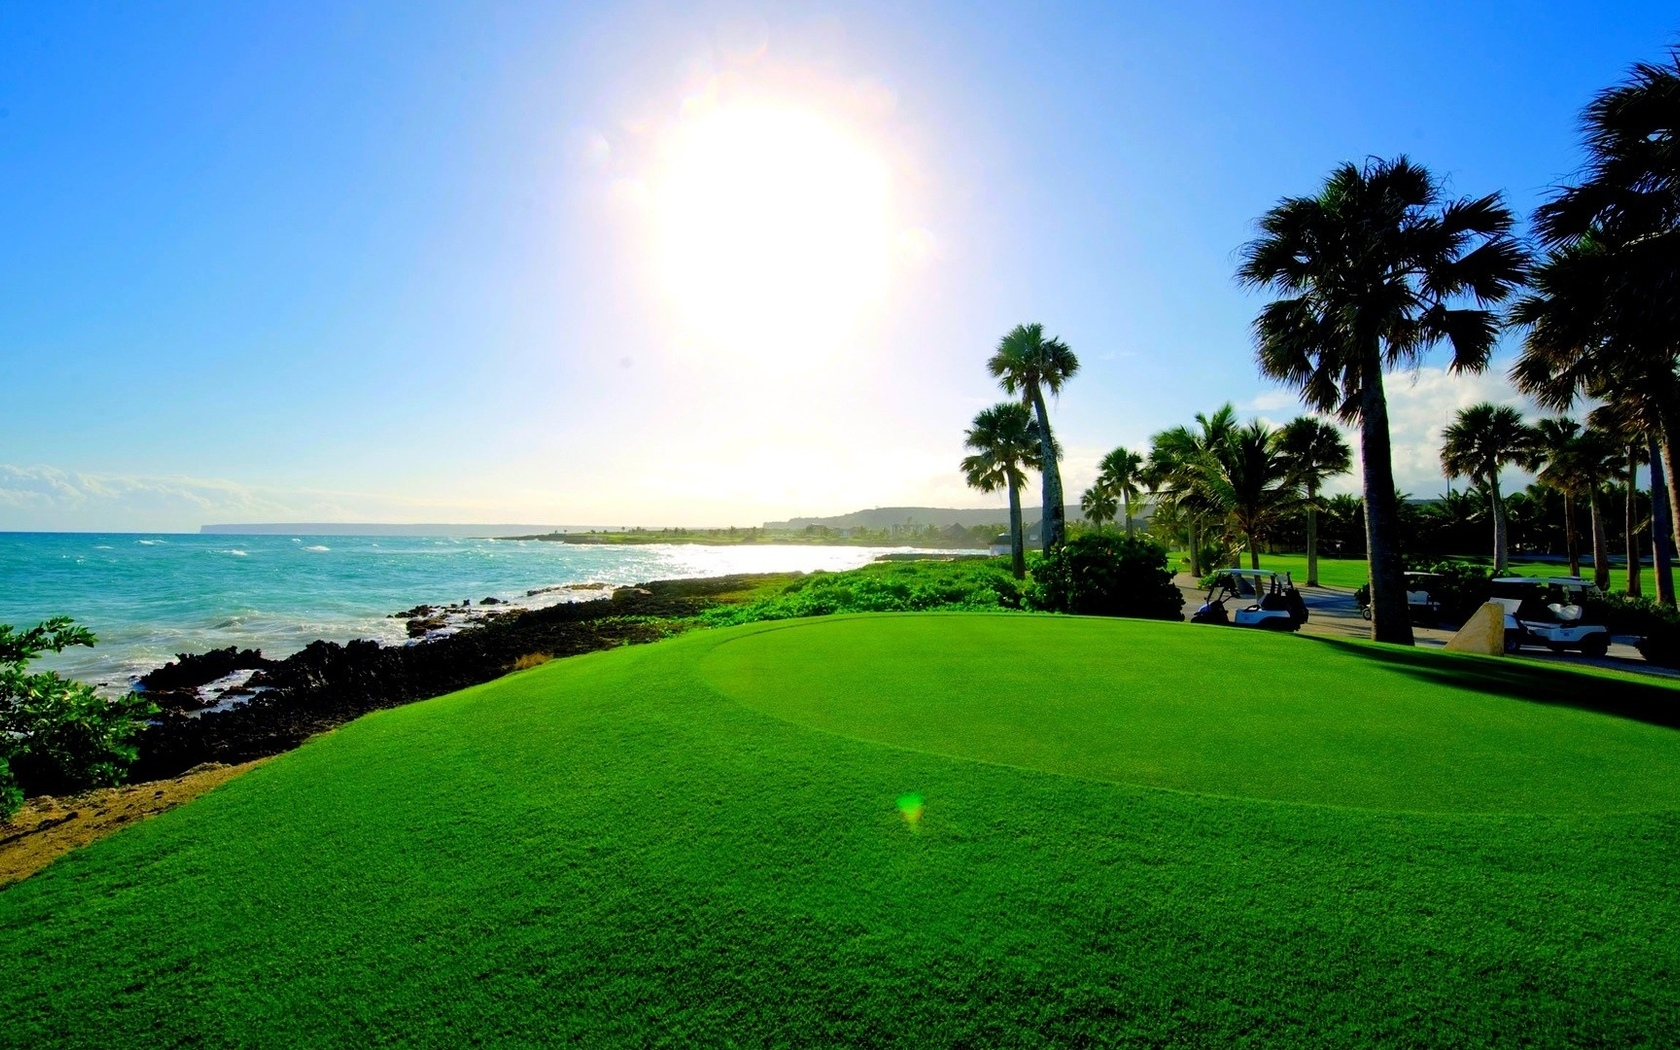 пейзаж, пальмы, море, тропики